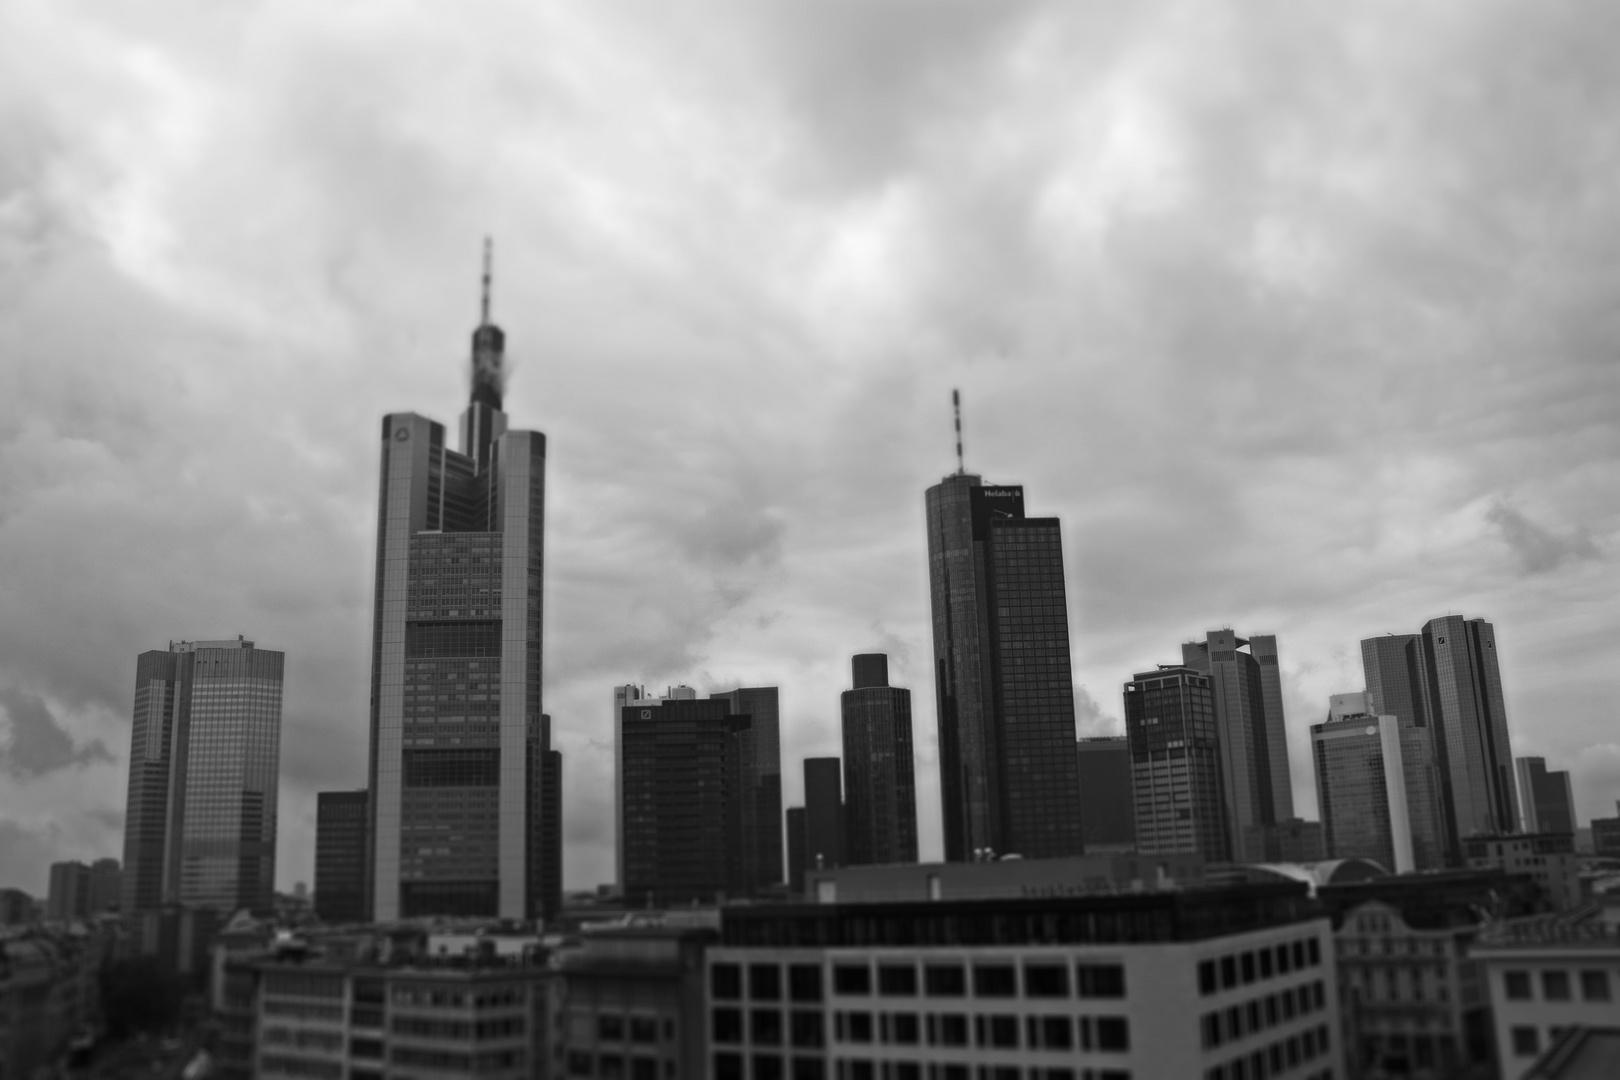 Frankfurt B&W